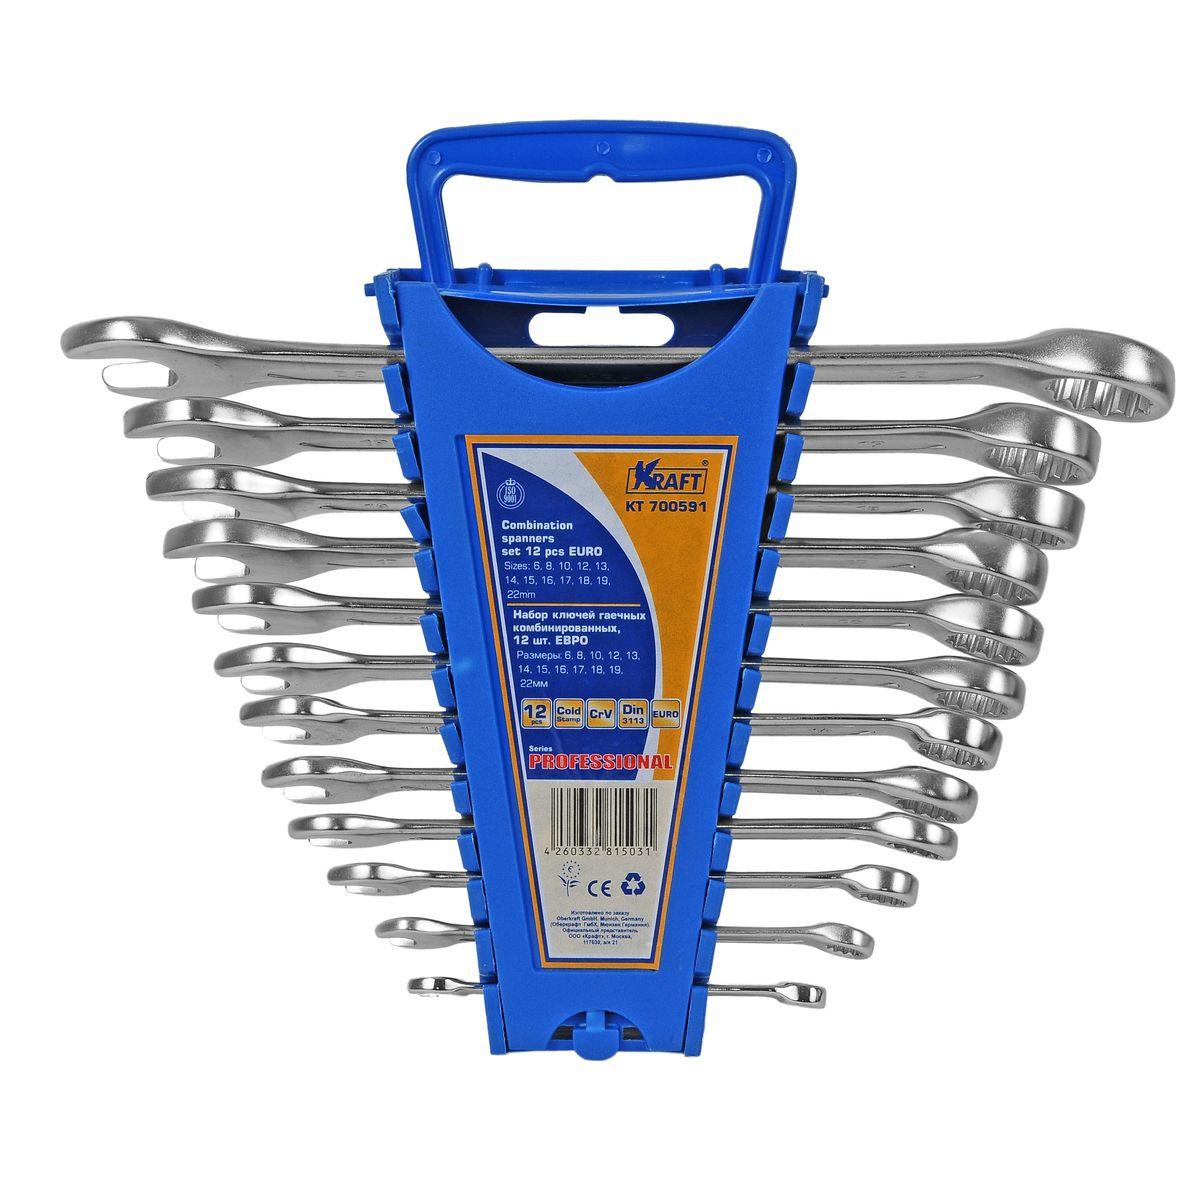 Набор комбинированных гаечных ключей Kraft Professional Euro, 6 мм - 22 мм, 12 штКТ700591Набор комбинированных гаечных ключей Kraft Professional Euro предназначен для профессионального применения в решении сантехнических, строительных и авторемонтных задач, а также для бытового использования. Ключи изготовлены из хромованадиевой стали. Размеры ключей входящих в набор: 6 мм, 8 мм, 10 мм, 12 мм, 13 мм, 14 мм, 15 мм, 16 мм, 17 мм, 18 мм, 19 мм, 22 мм. Комбинированный ключ представляет собой соединение рожкового и накидного гаечных ключей. Обе стороны комбинированного ключа имеют одинаковый размер. Комбинированный ключ - это необходимый предмет в каждом доме.